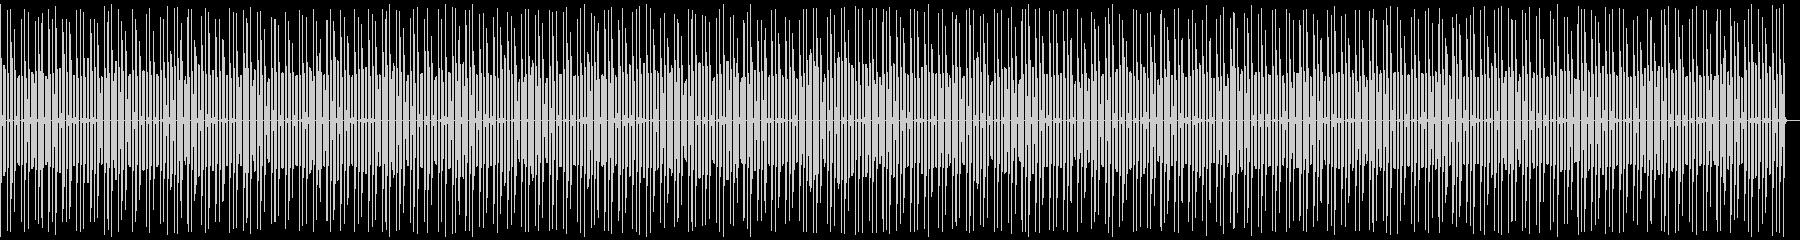 レトロゲーム危険ゾーン アプリ 昔チープの未再生の波形